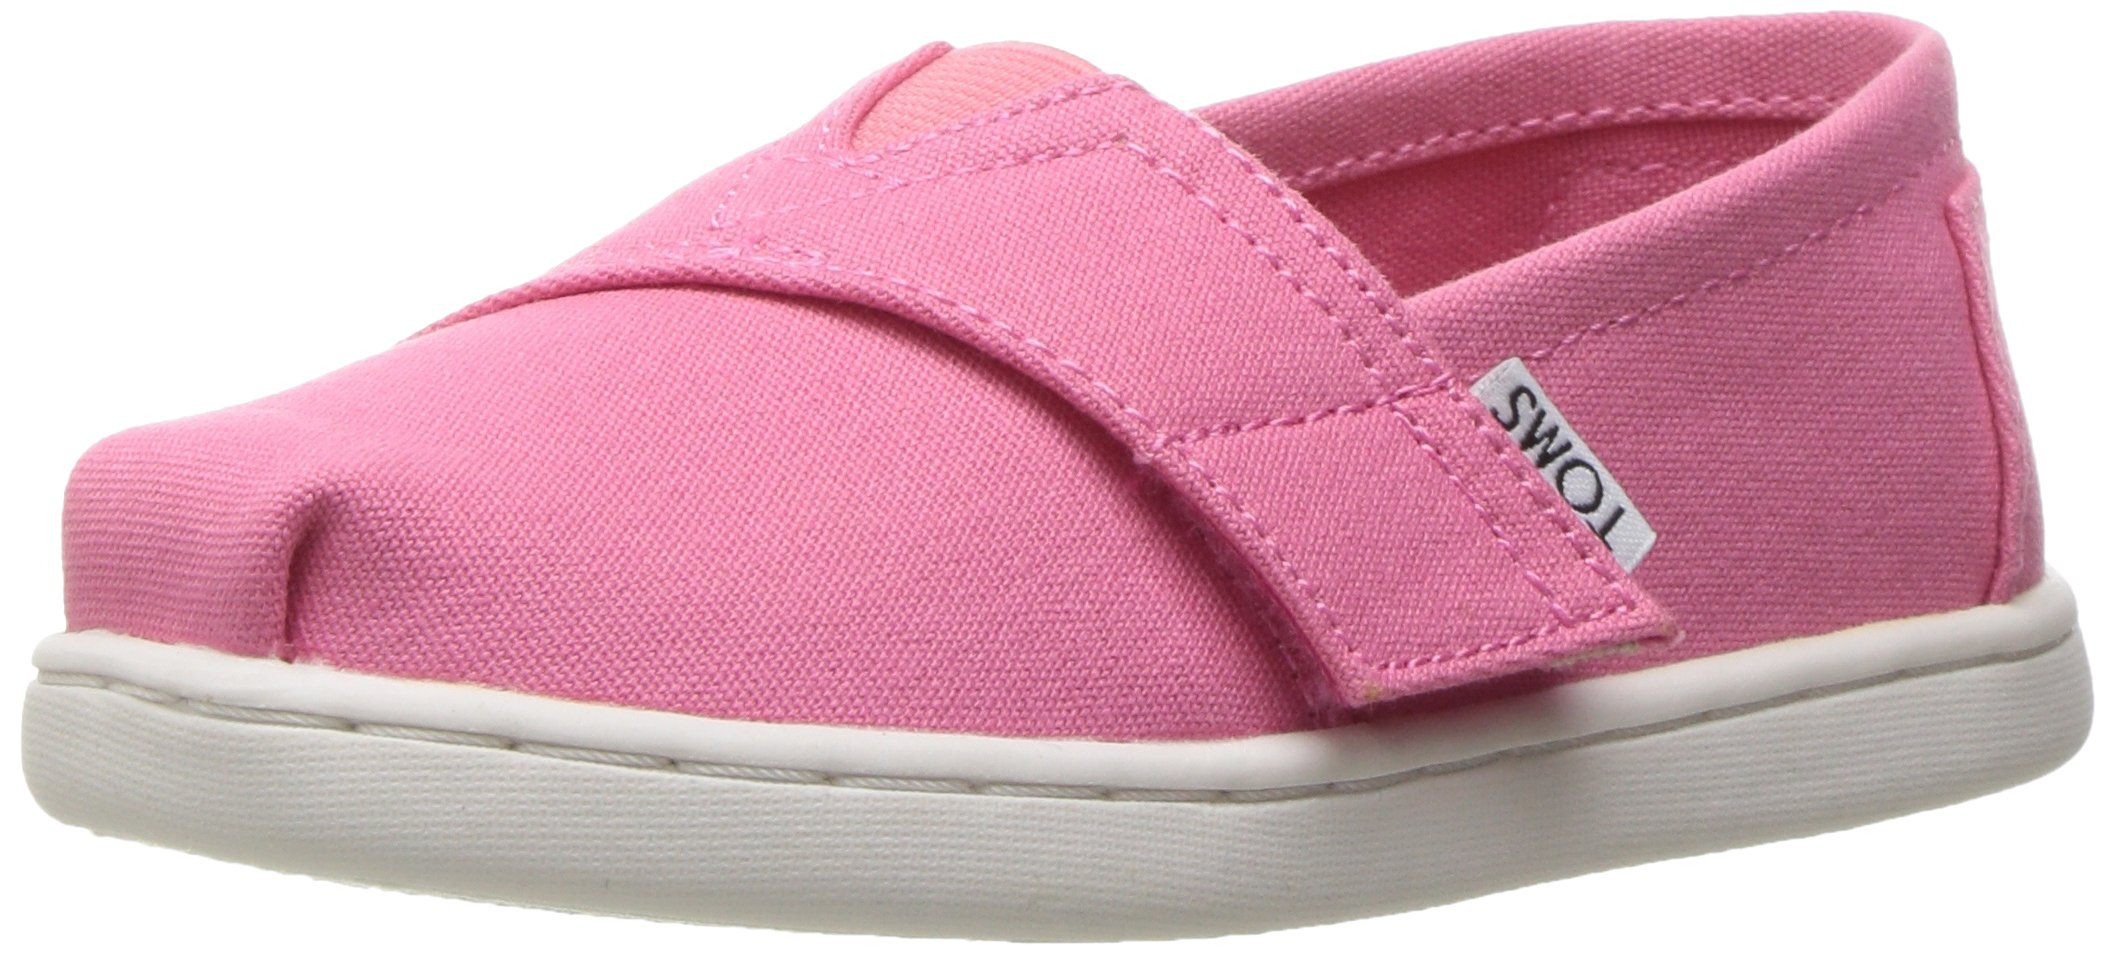 TOMS Girls' 10009918 Alpargata-K, Pink 4 M US Toddler